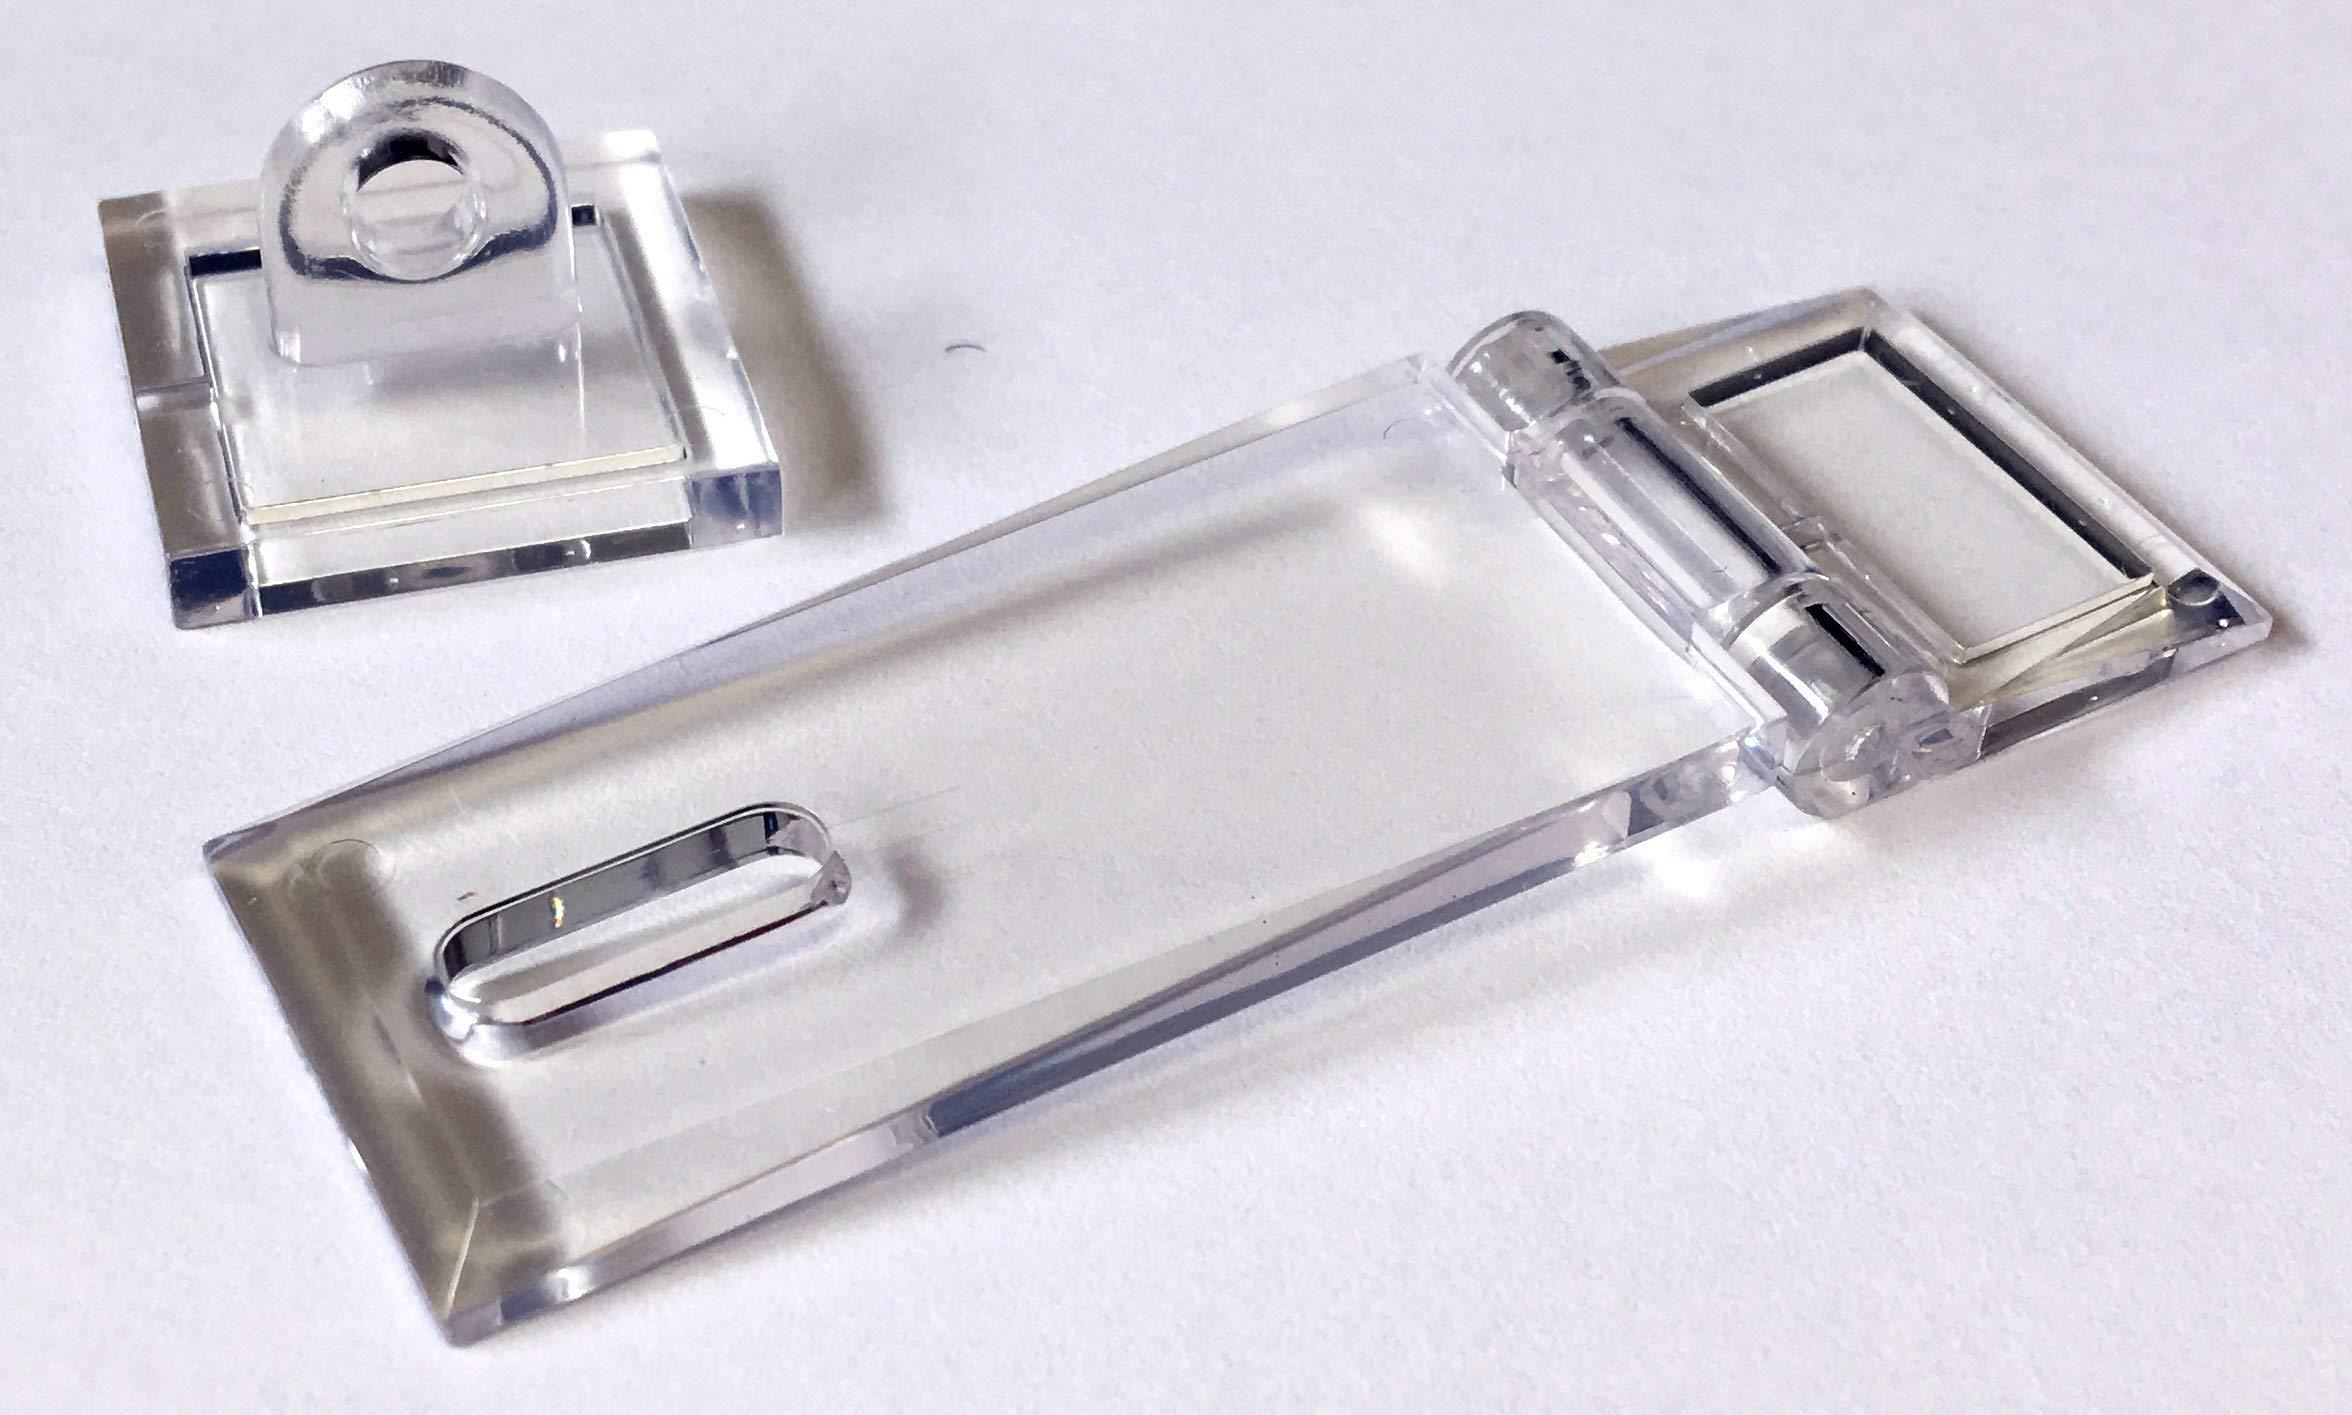 Acryl-HASP Acrylic Hasp 25 pack by FTM, Inc.